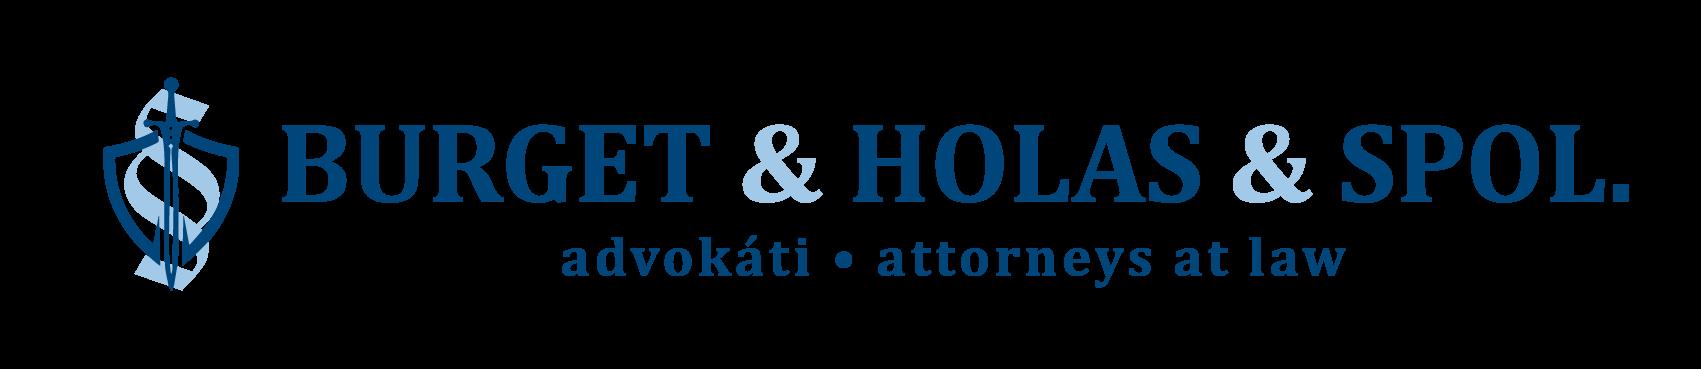 AdvokatiProstejov.cz